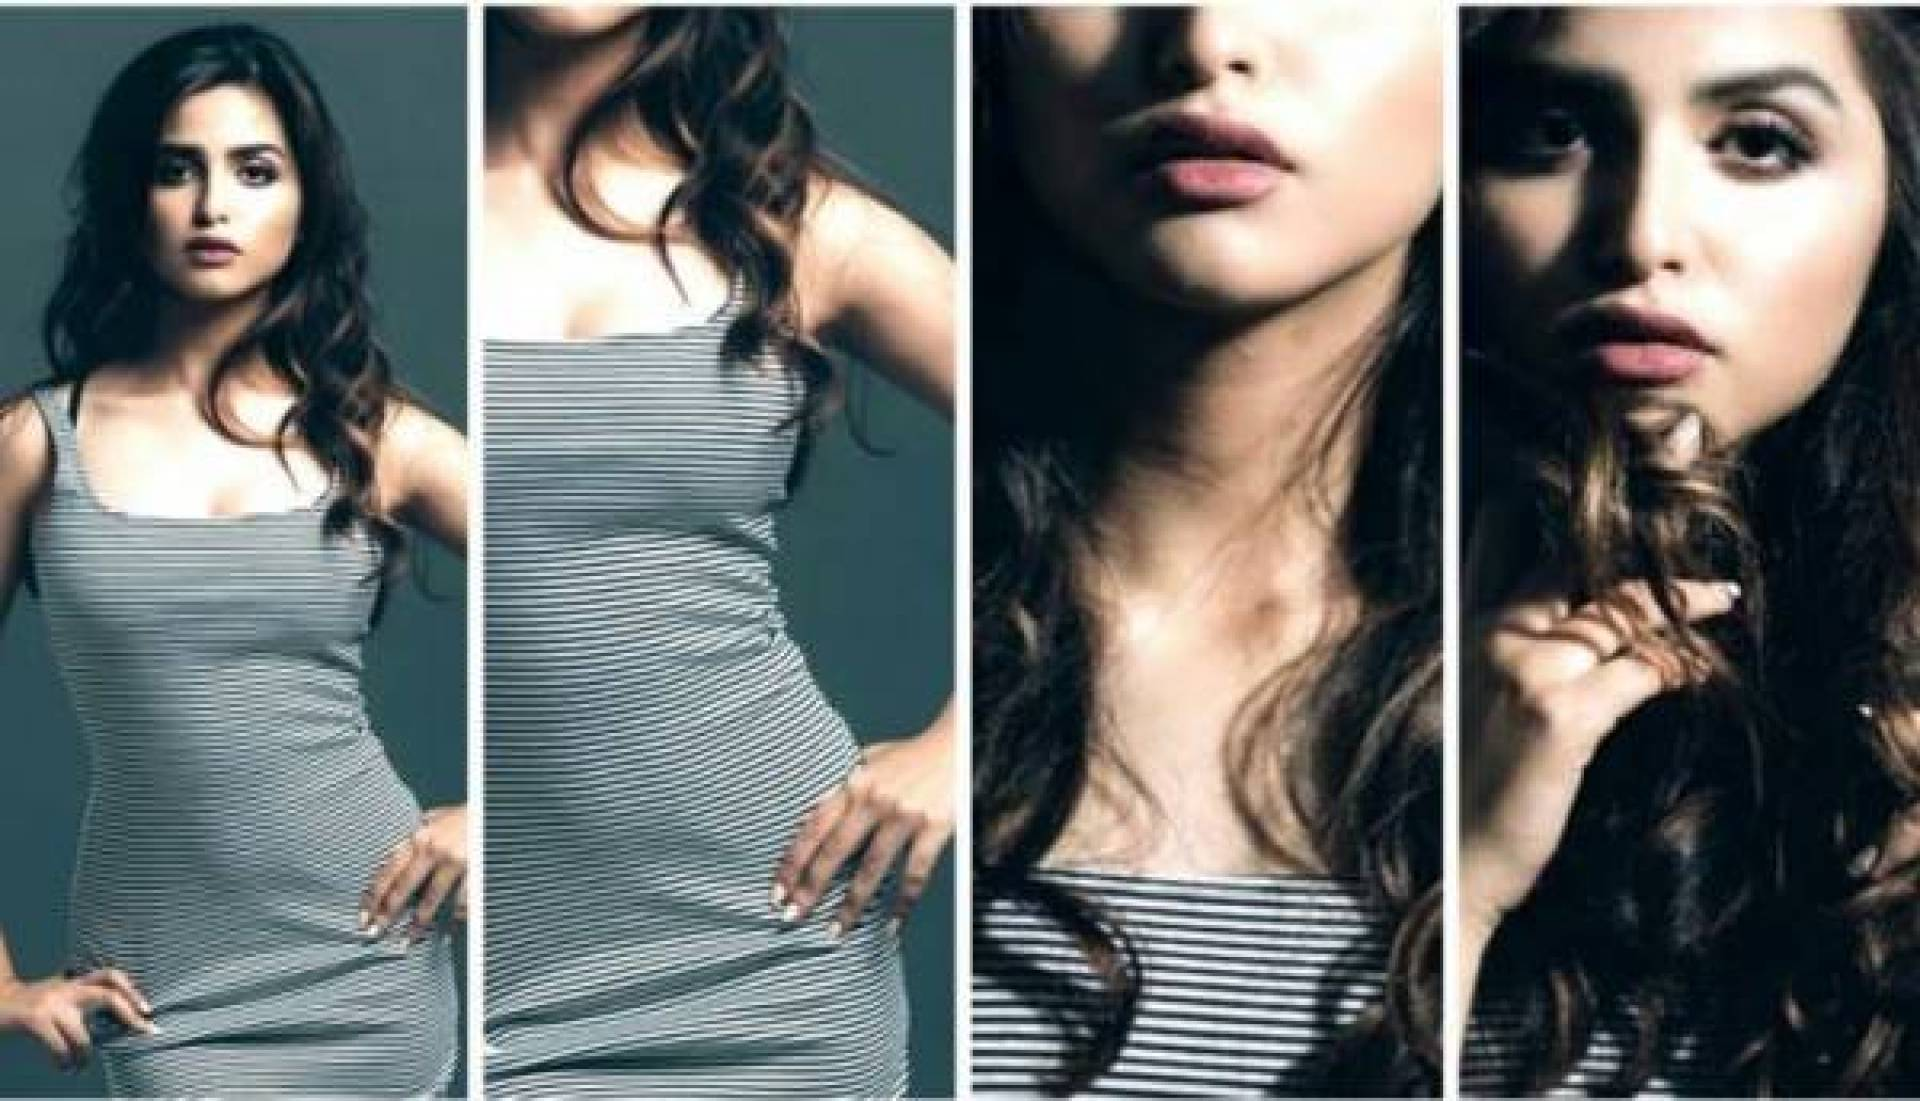 بالفيديو - حلا الترك بإطلالة تكشف بطنها للمرة الأولى وتسريحة شعر جديدة | Laha Magazine